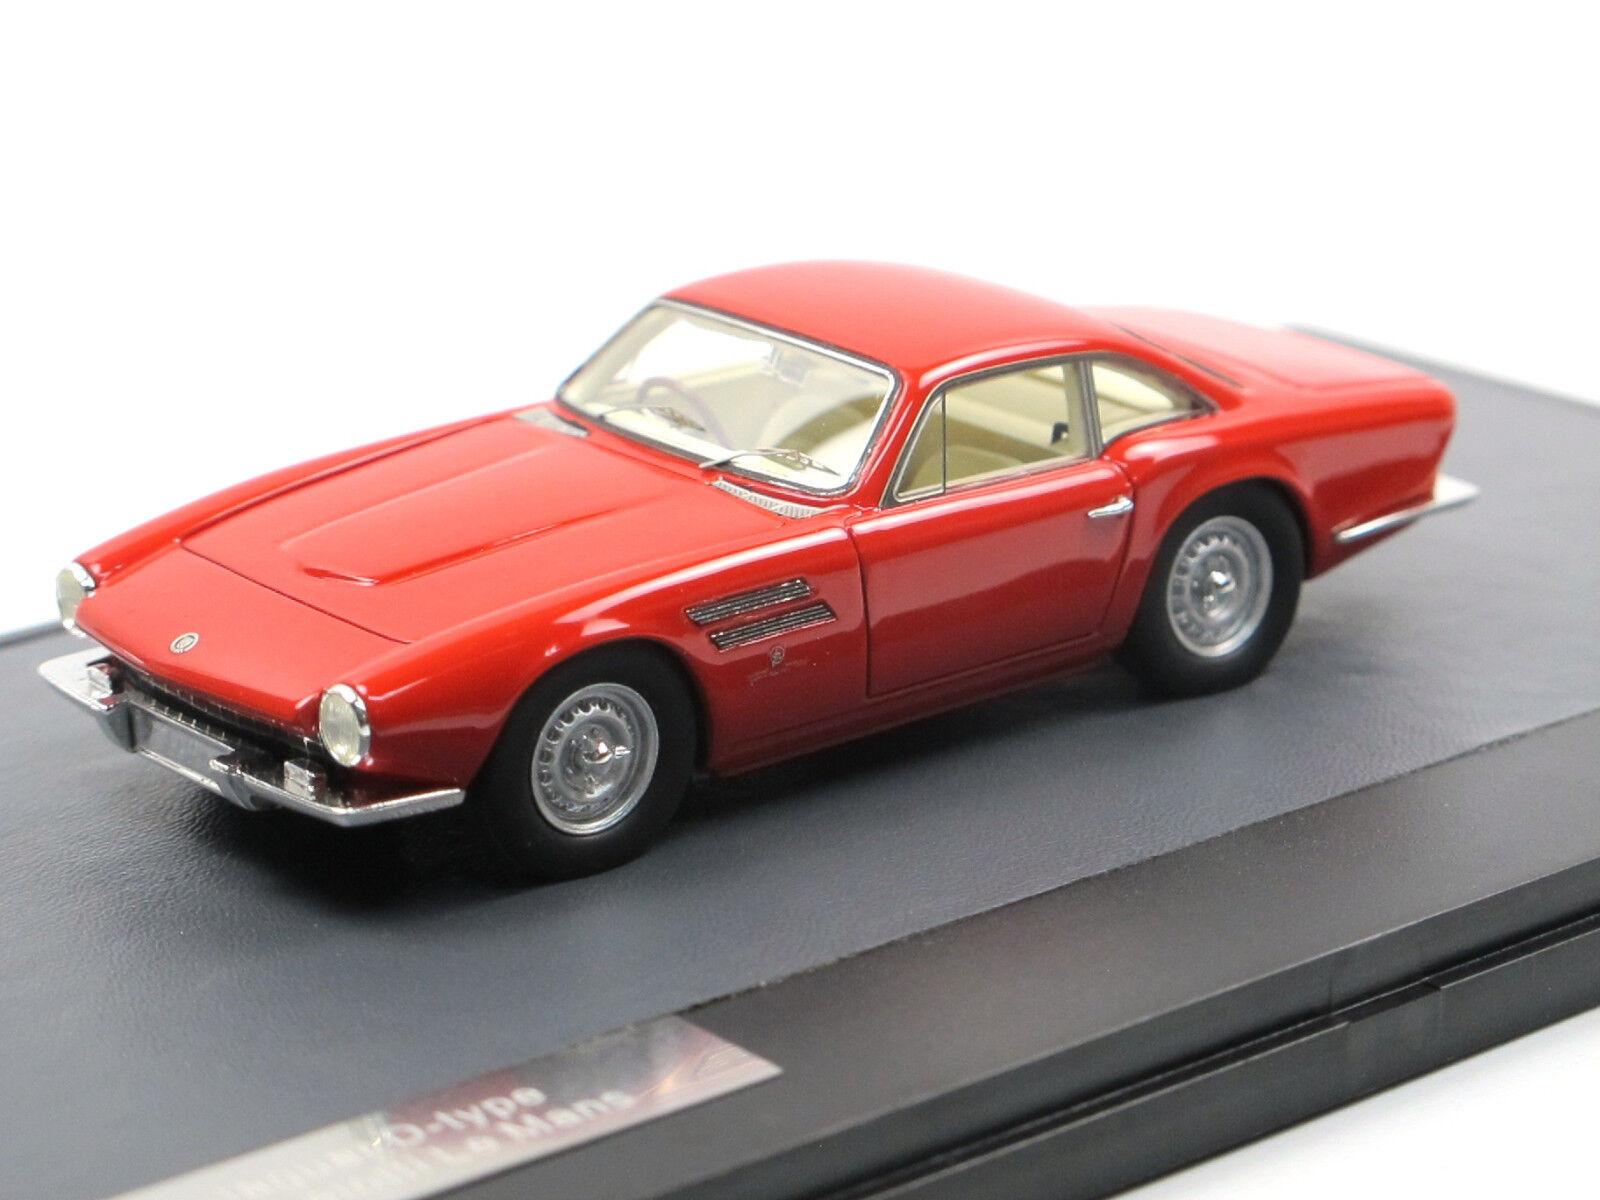 Matrix skala modellllerler 1963 Jaguar D -Typ Le Mans av Micheloti röd 1  43 begränsad